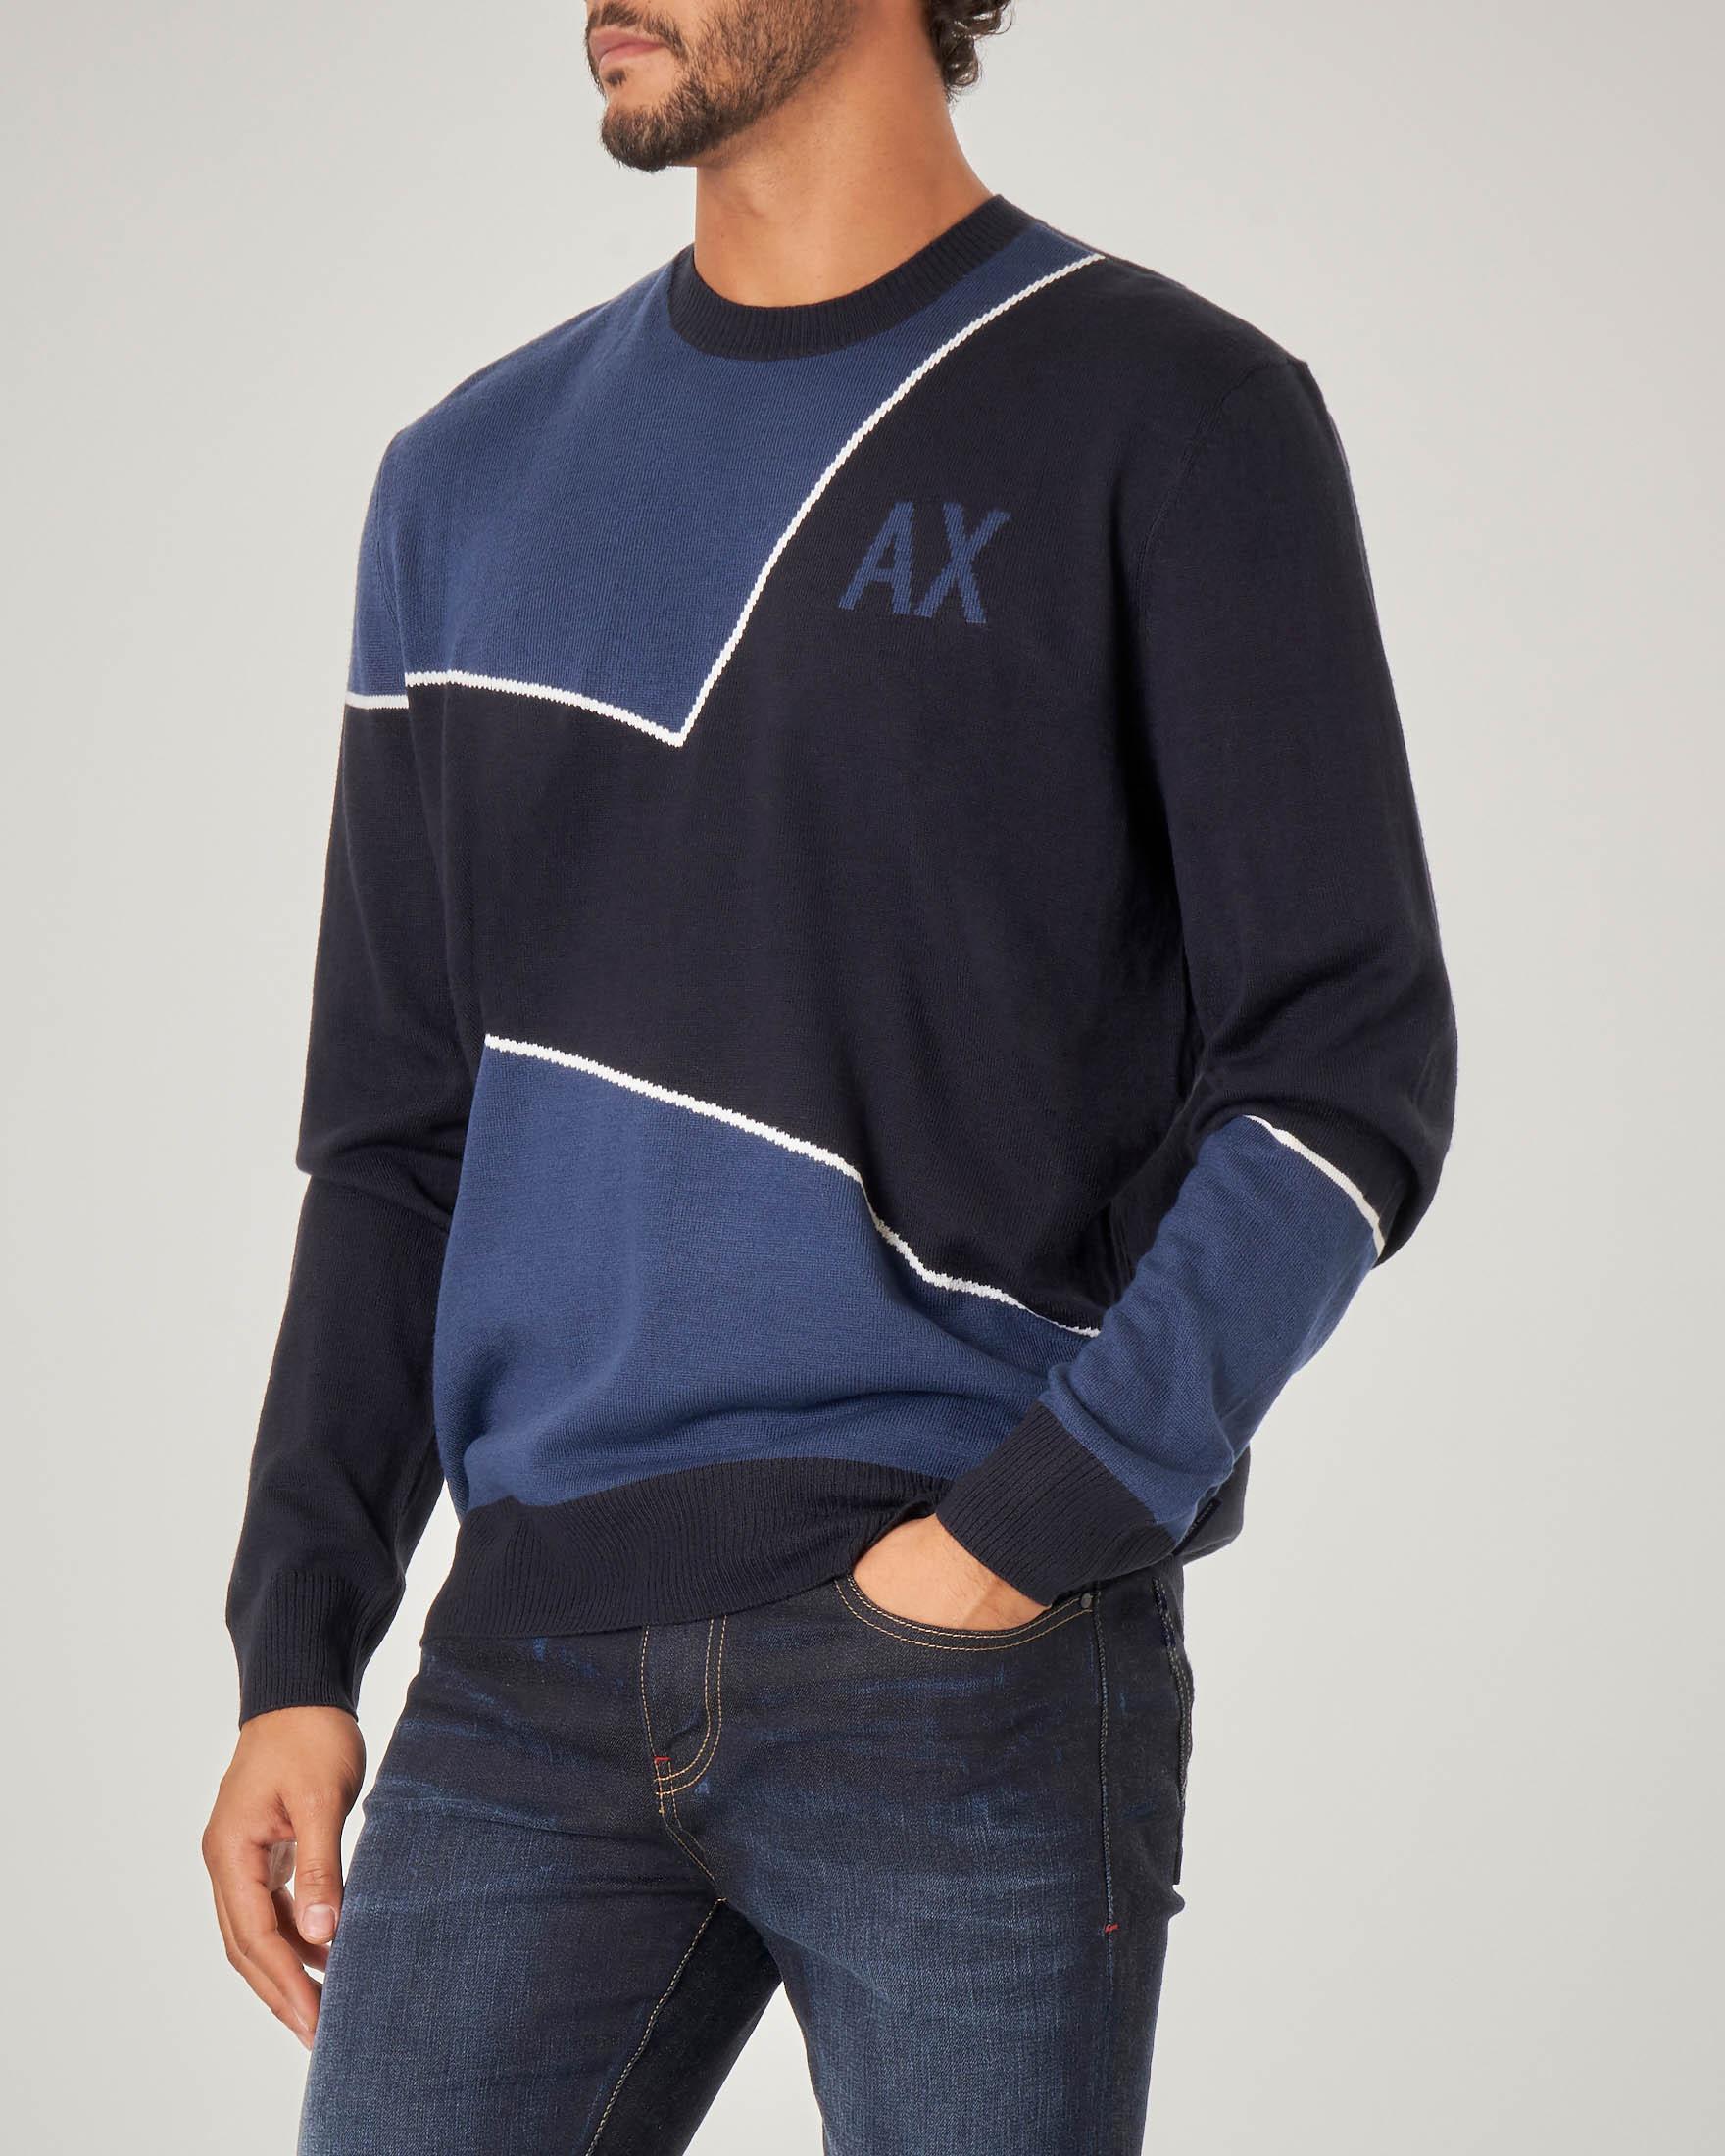 Maglia bicolore blu scuro e chiaro con logo AX jacquard